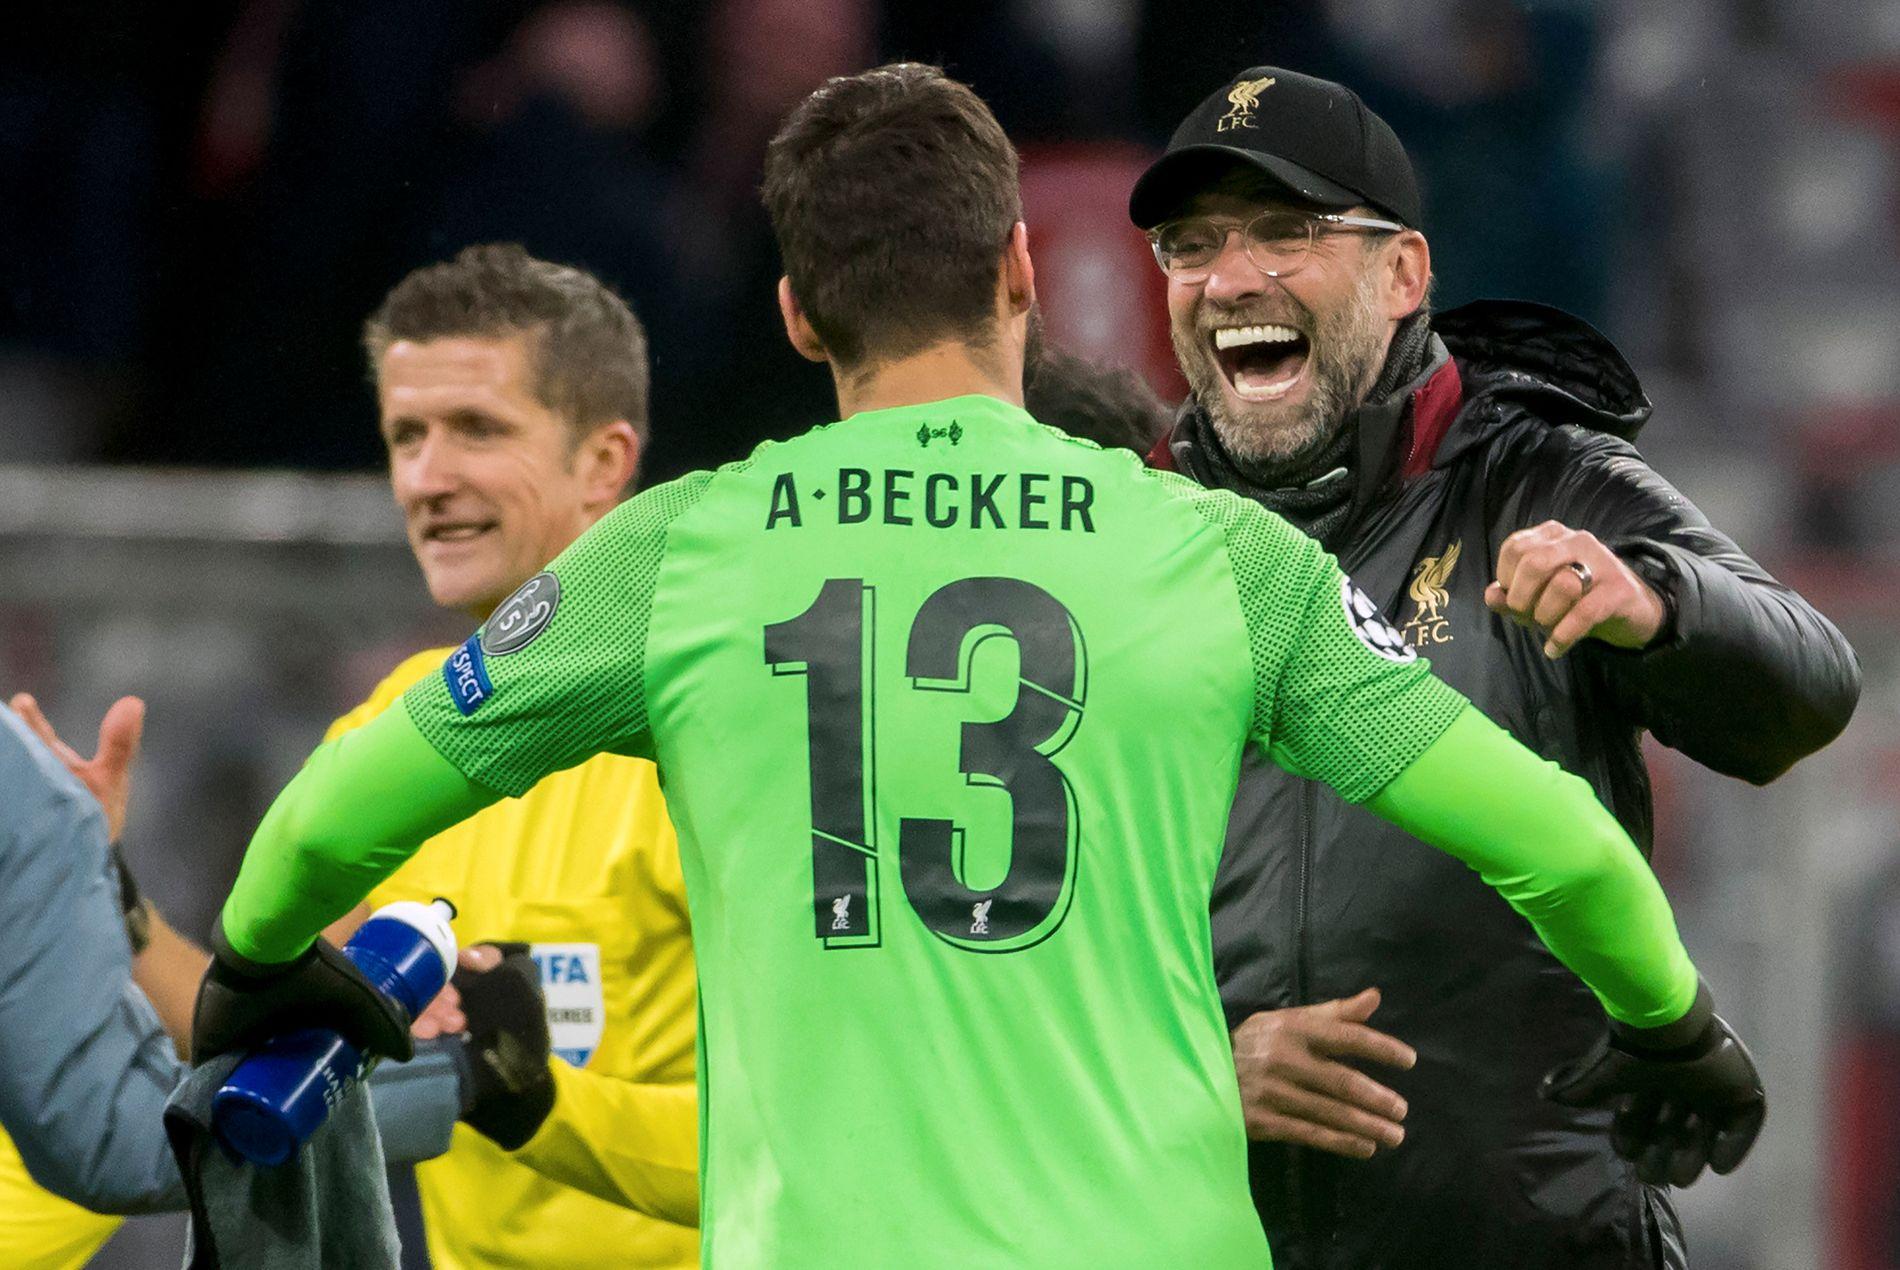 GOD SESONG: Alisson Becker og Jürgen Klopp gliser etter seier mot Bayern München i midtuken. Klubben har hatt en bra sesong til nå.